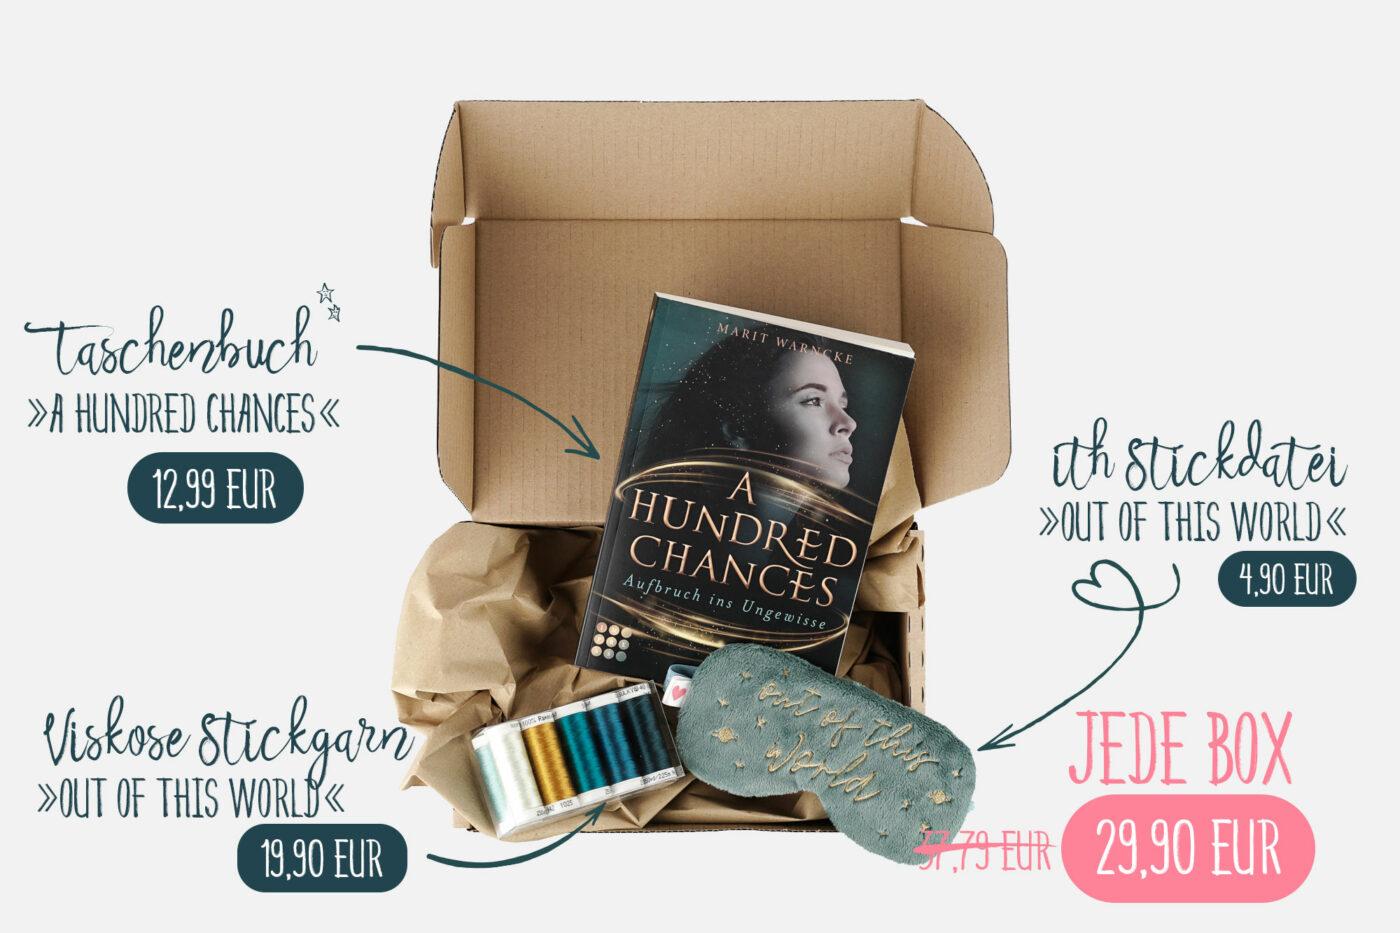 »A Hundred Chances« Geschenkbox mit Garnset und ITH-Stickdatei